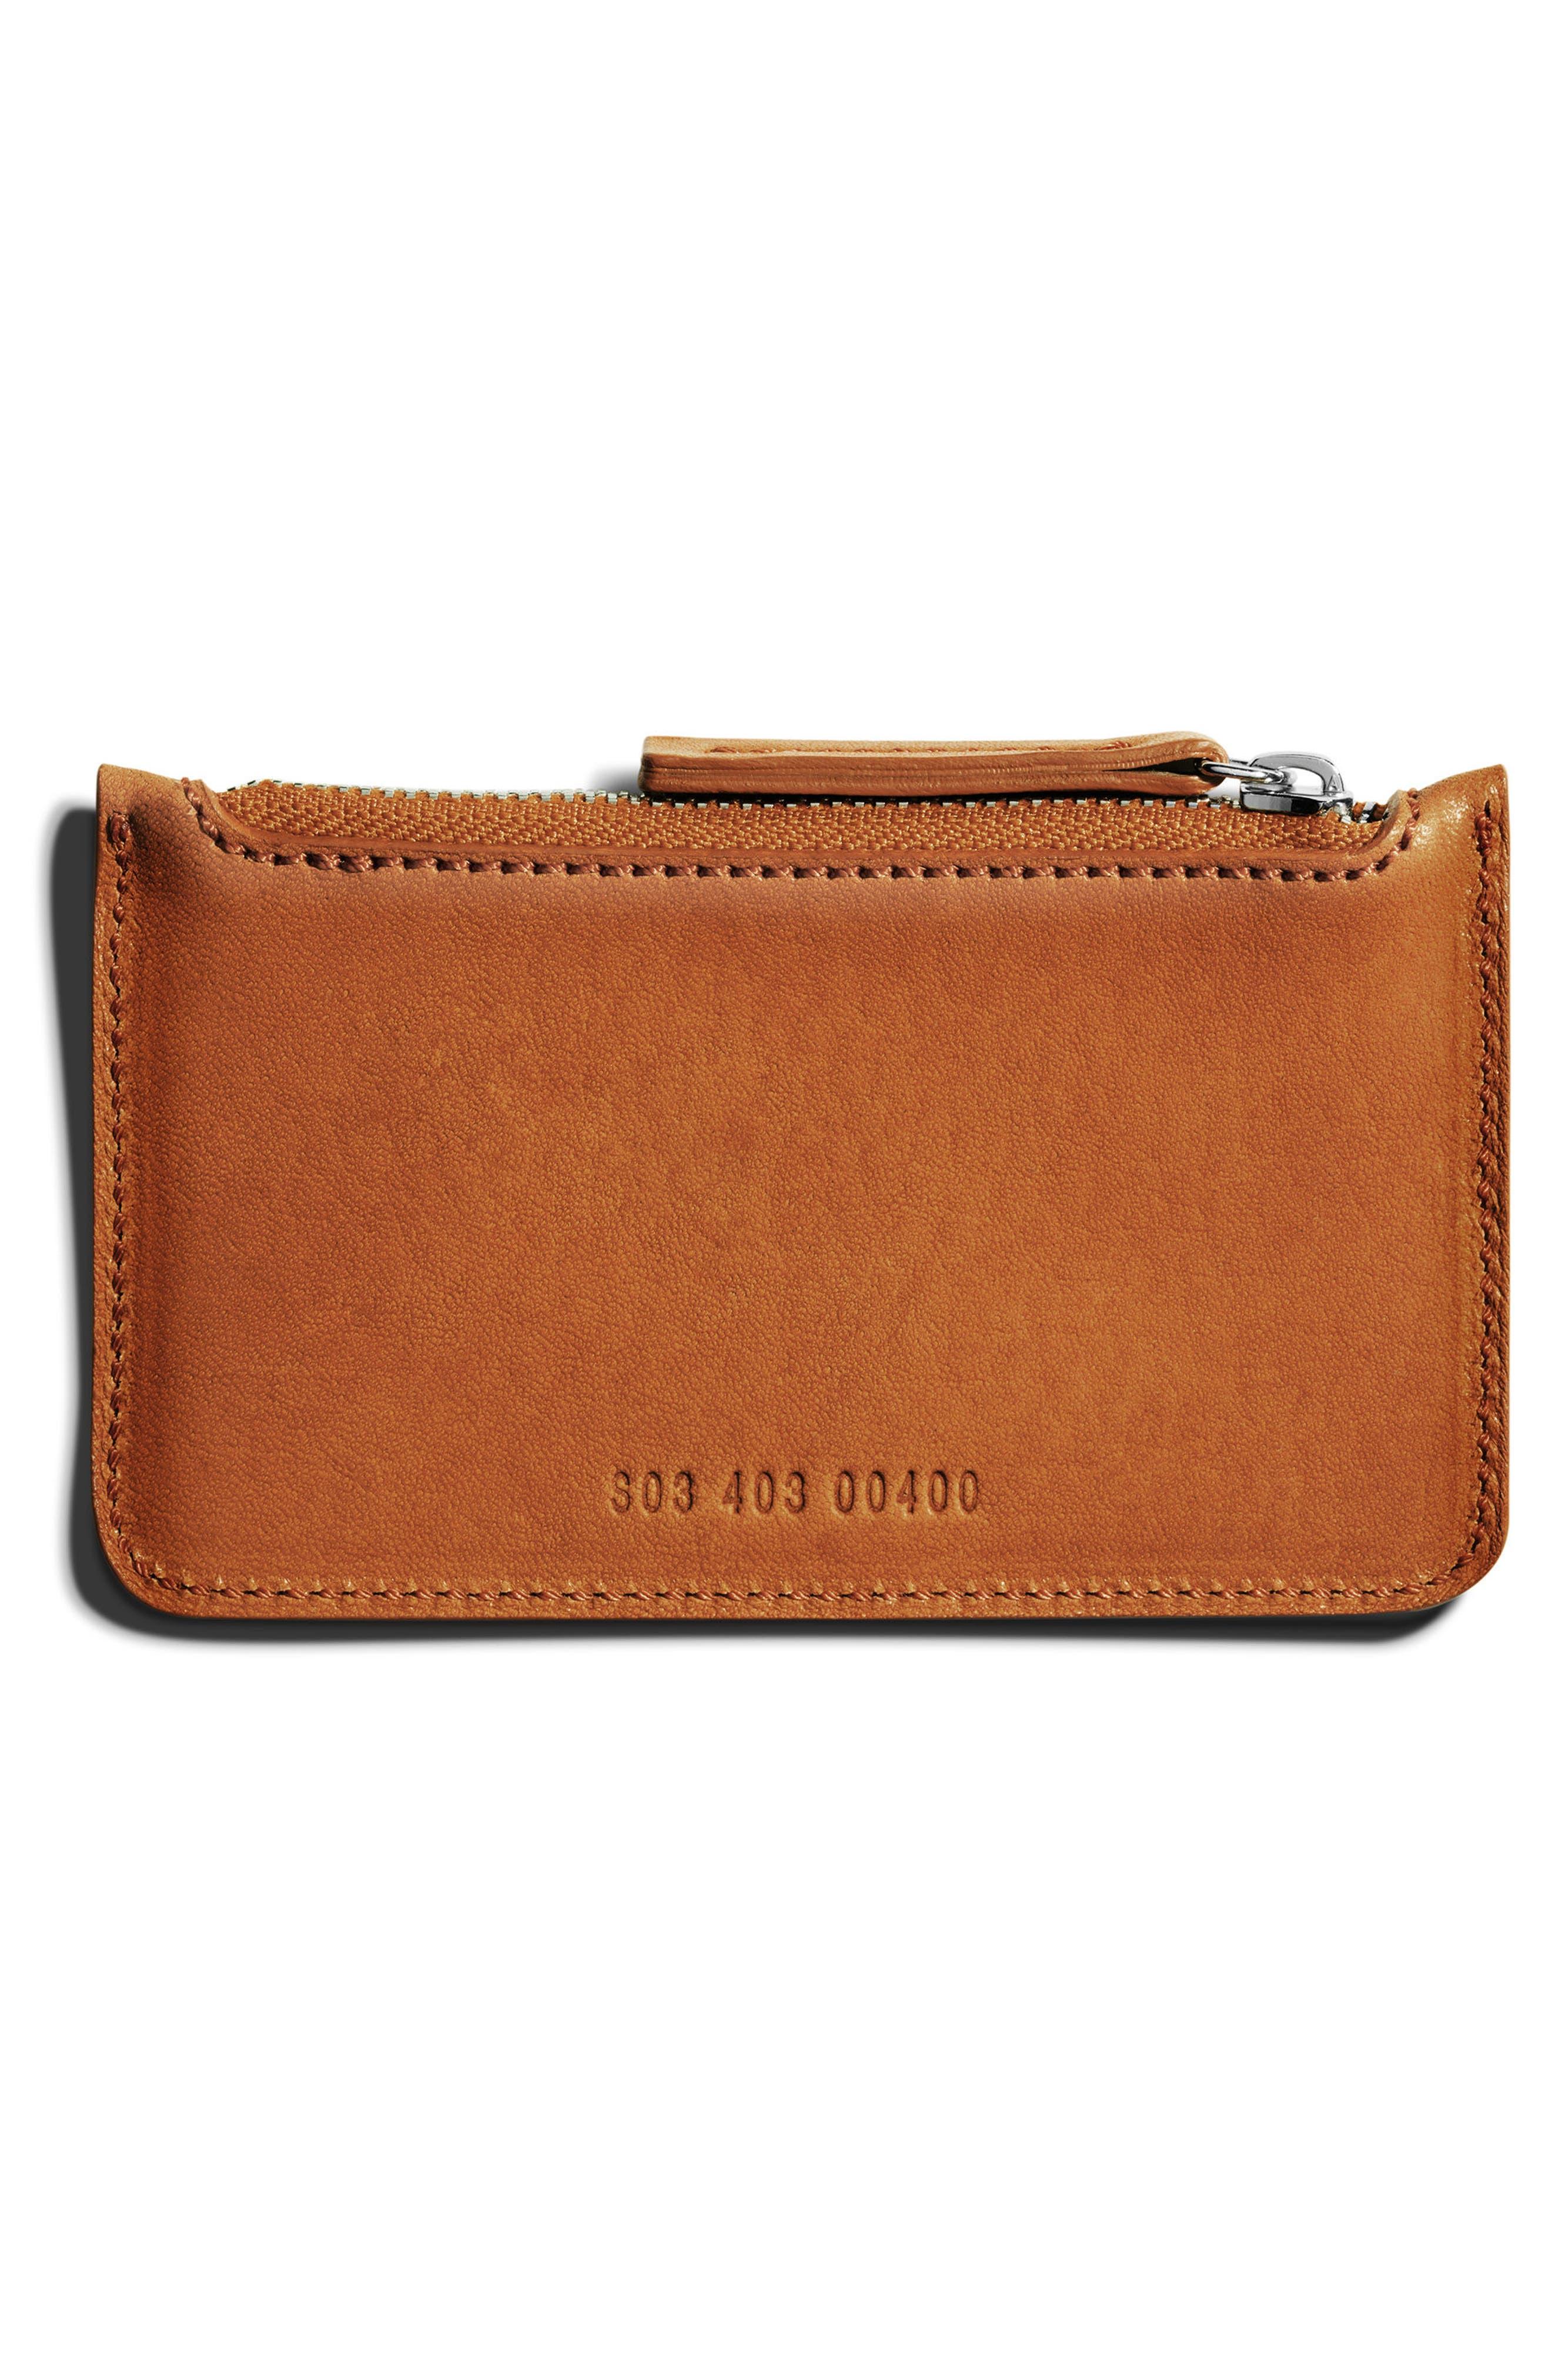 Leather Zip Pouch,                             Alternate thumbnail 2, color,                             Bourbon